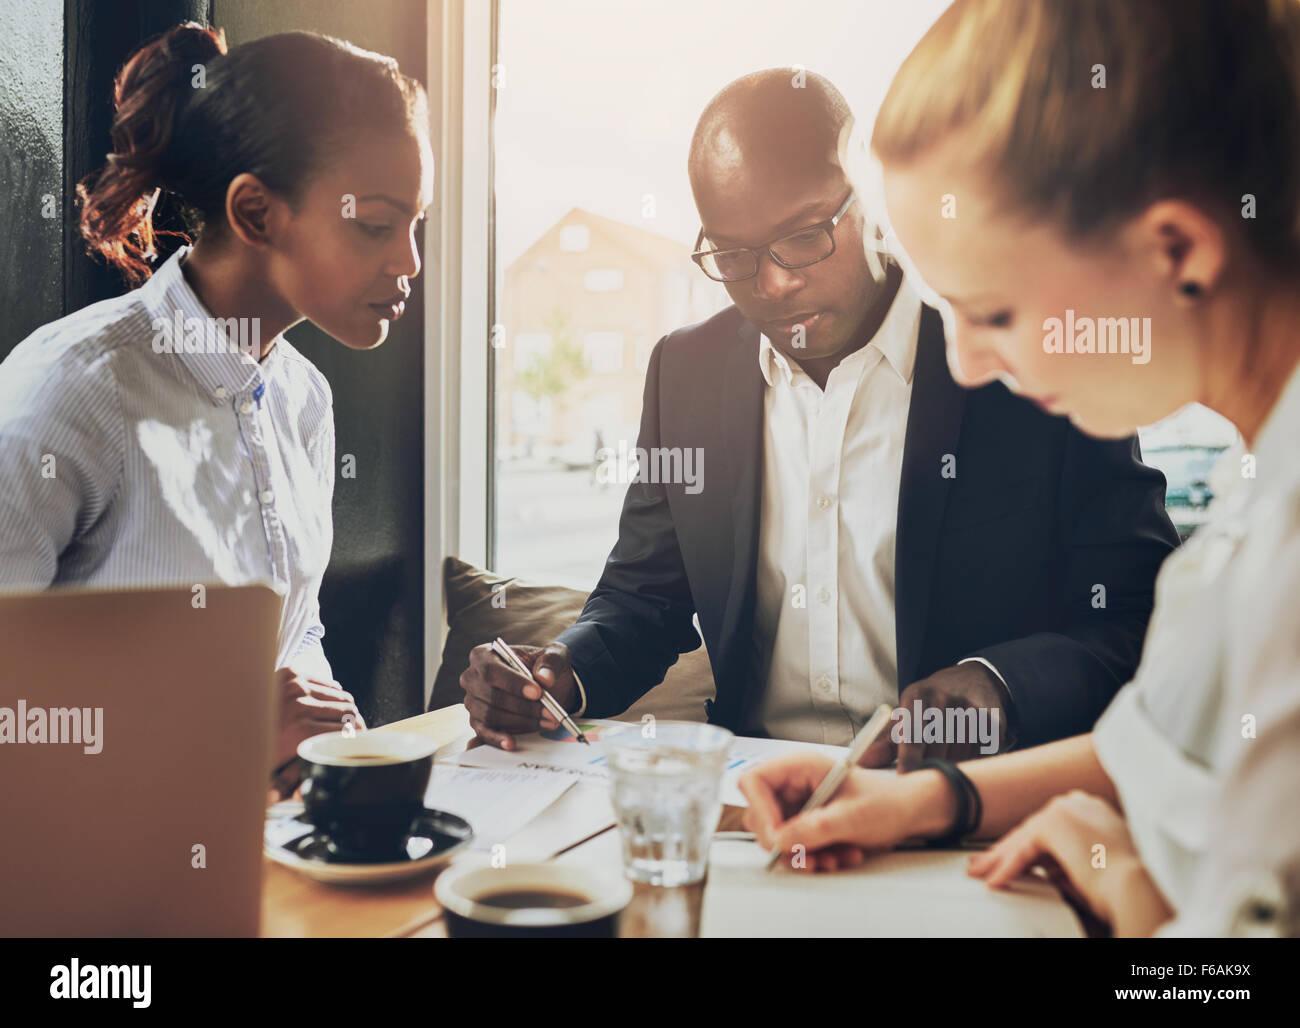 Schwere Gruppe der Geschäftsleute, Multi-ethnische Gruppe, Unternehmen, Unternehmer, start Konzept Stockbild